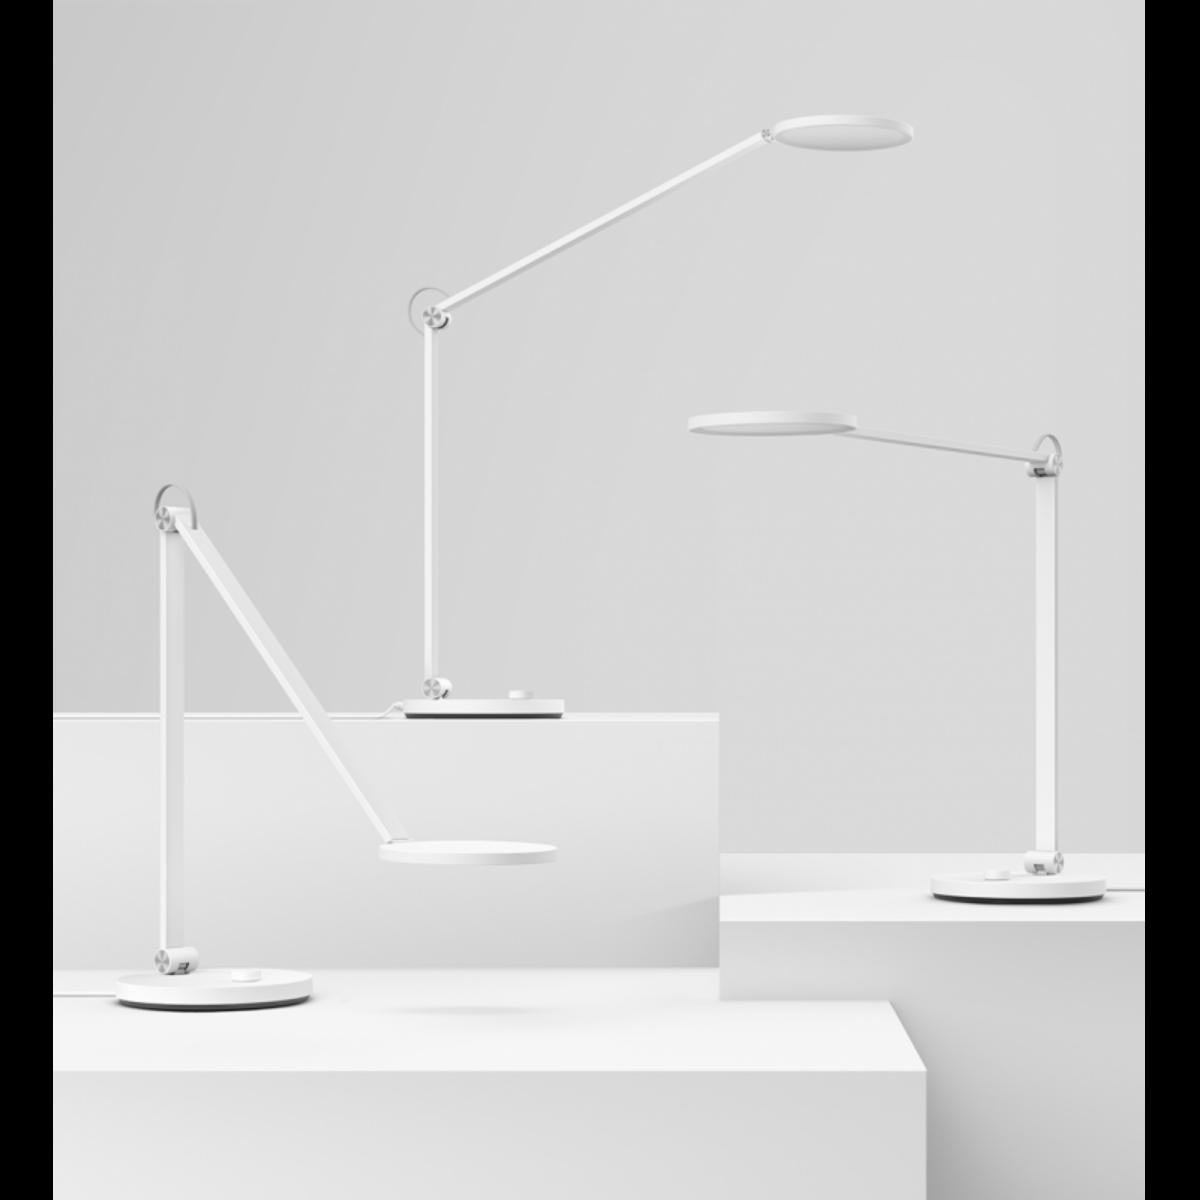 Xiaomi Mi LED Pro asztali lámpa, fehér EU